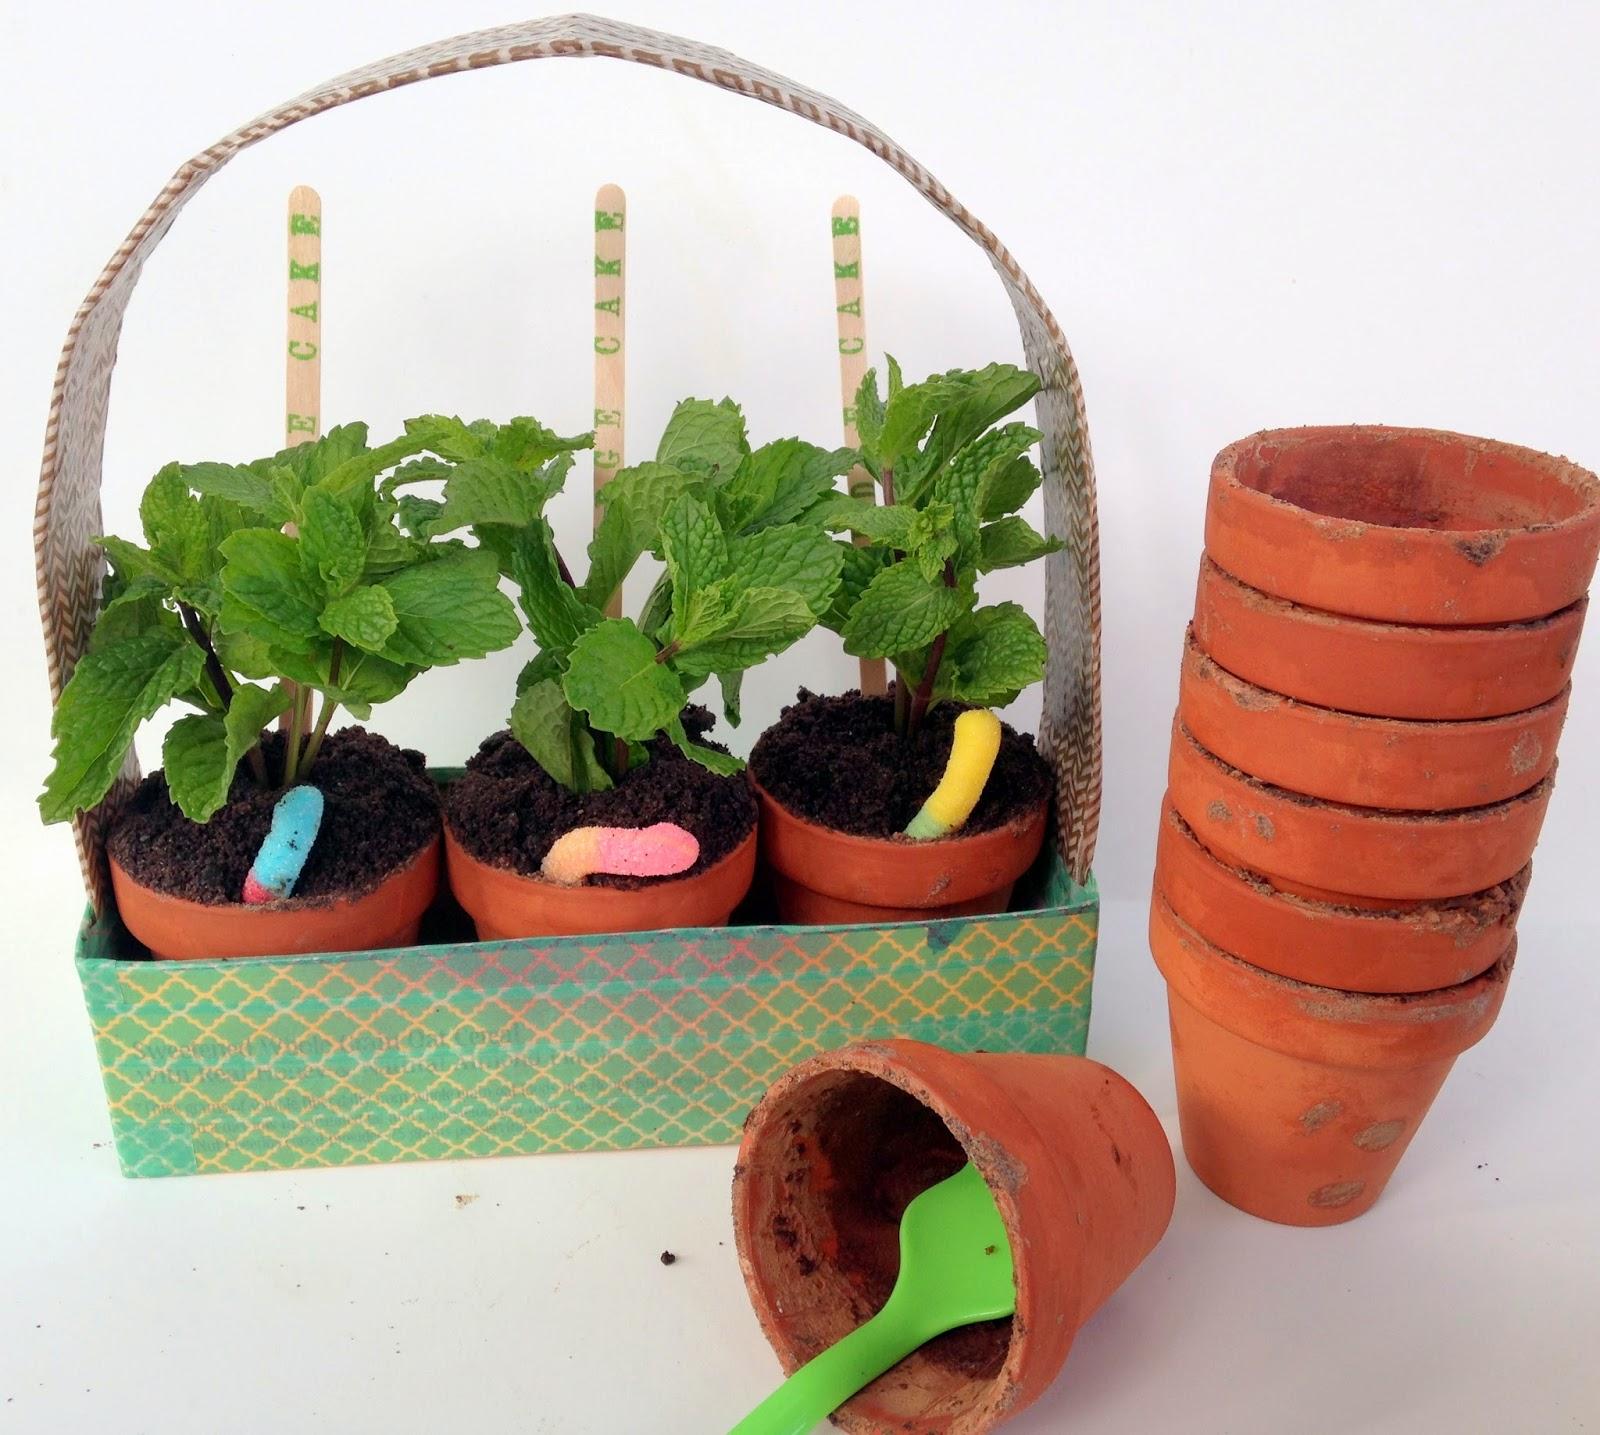 Κηπουρική ή Ζαχαροπλαστική;